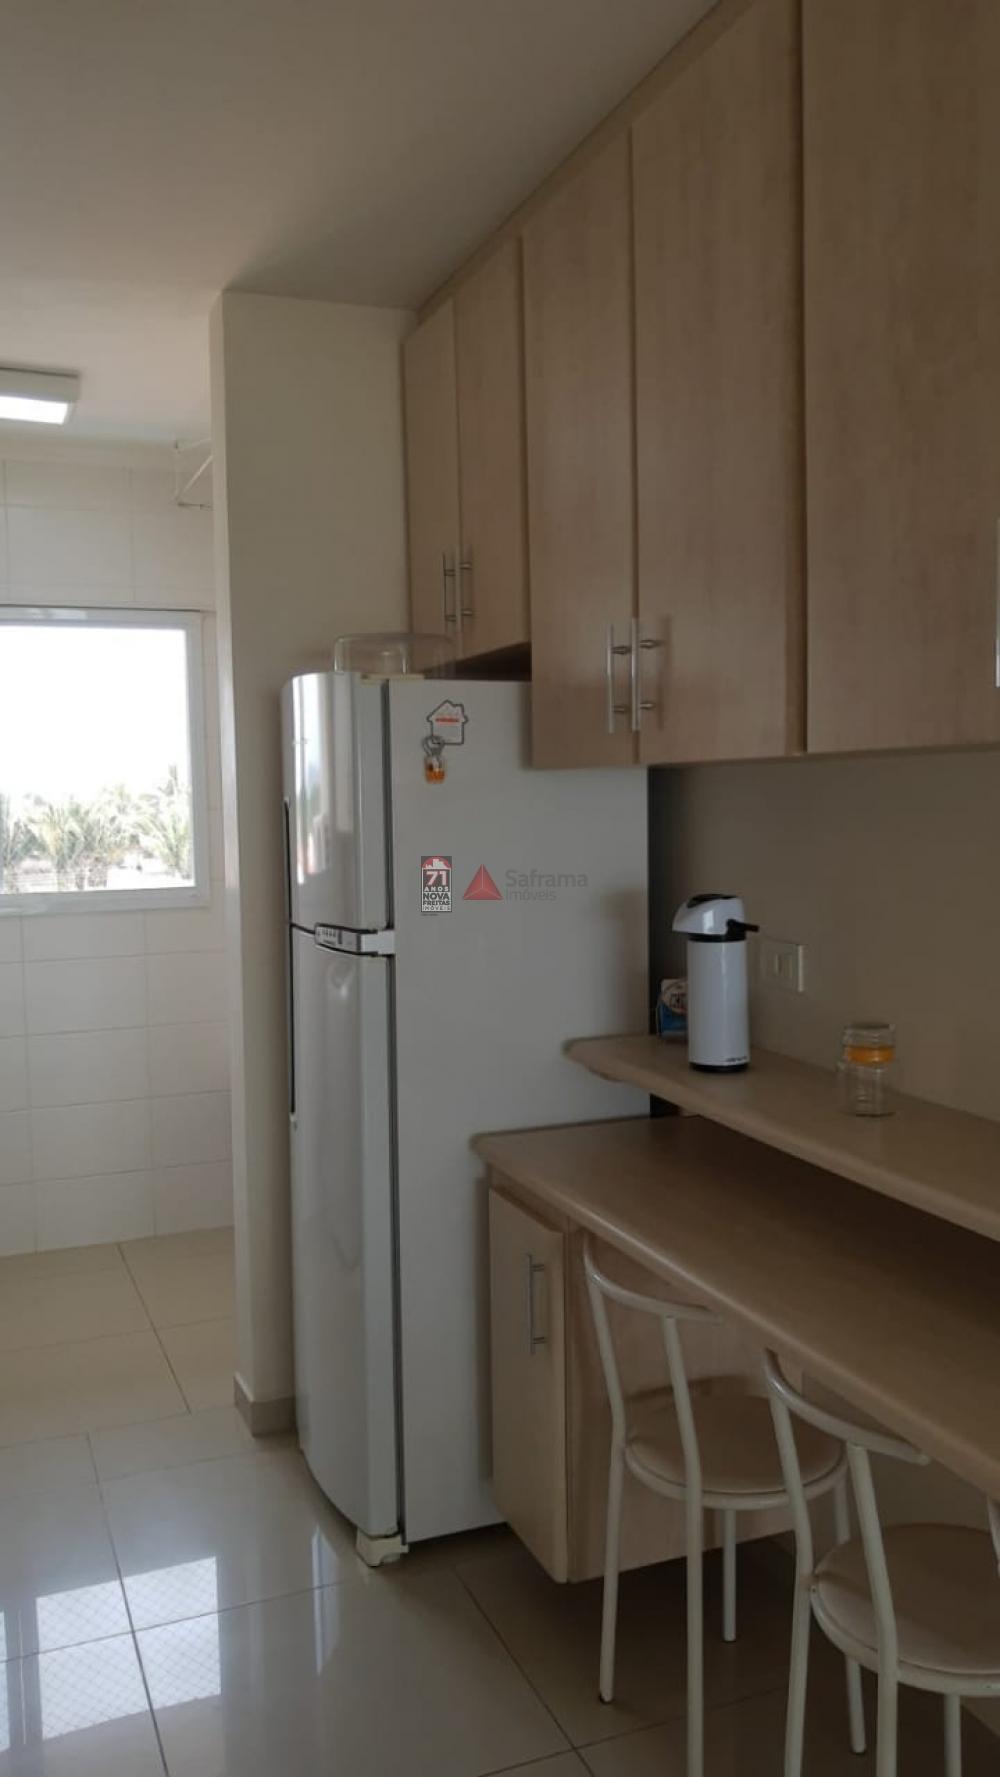 Comprar Apartamento / Padrão em Caraguatatuba apenas R$ 950.000,00 - Foto 10